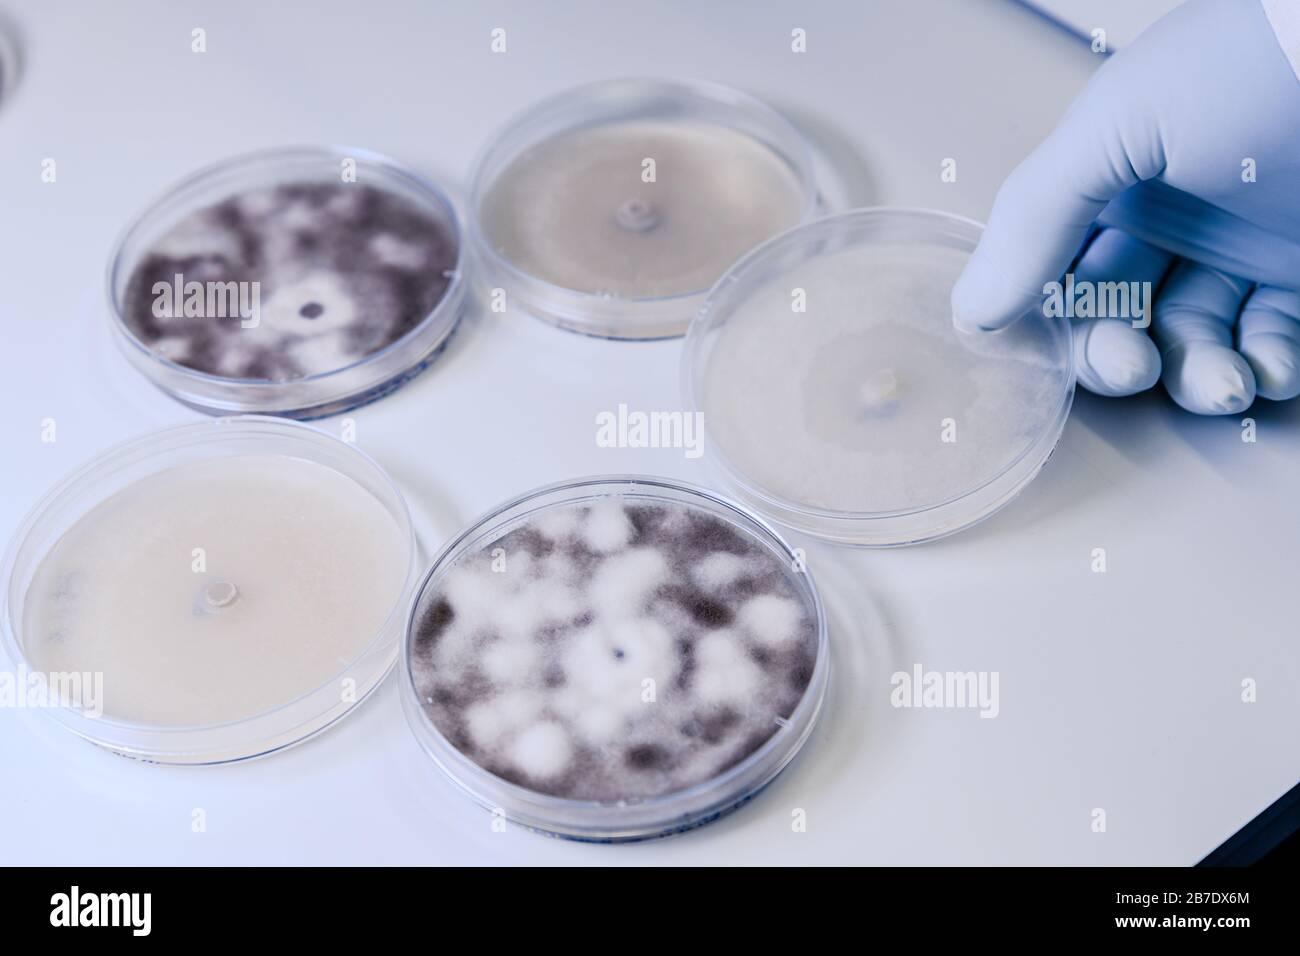 Manipulación científica cultivos microbiológicos en una placa de Petri para la investigación de biociencias farmacéuticas. Concepto de ciencia, laboratorio y estudio de la disea Foto de stock